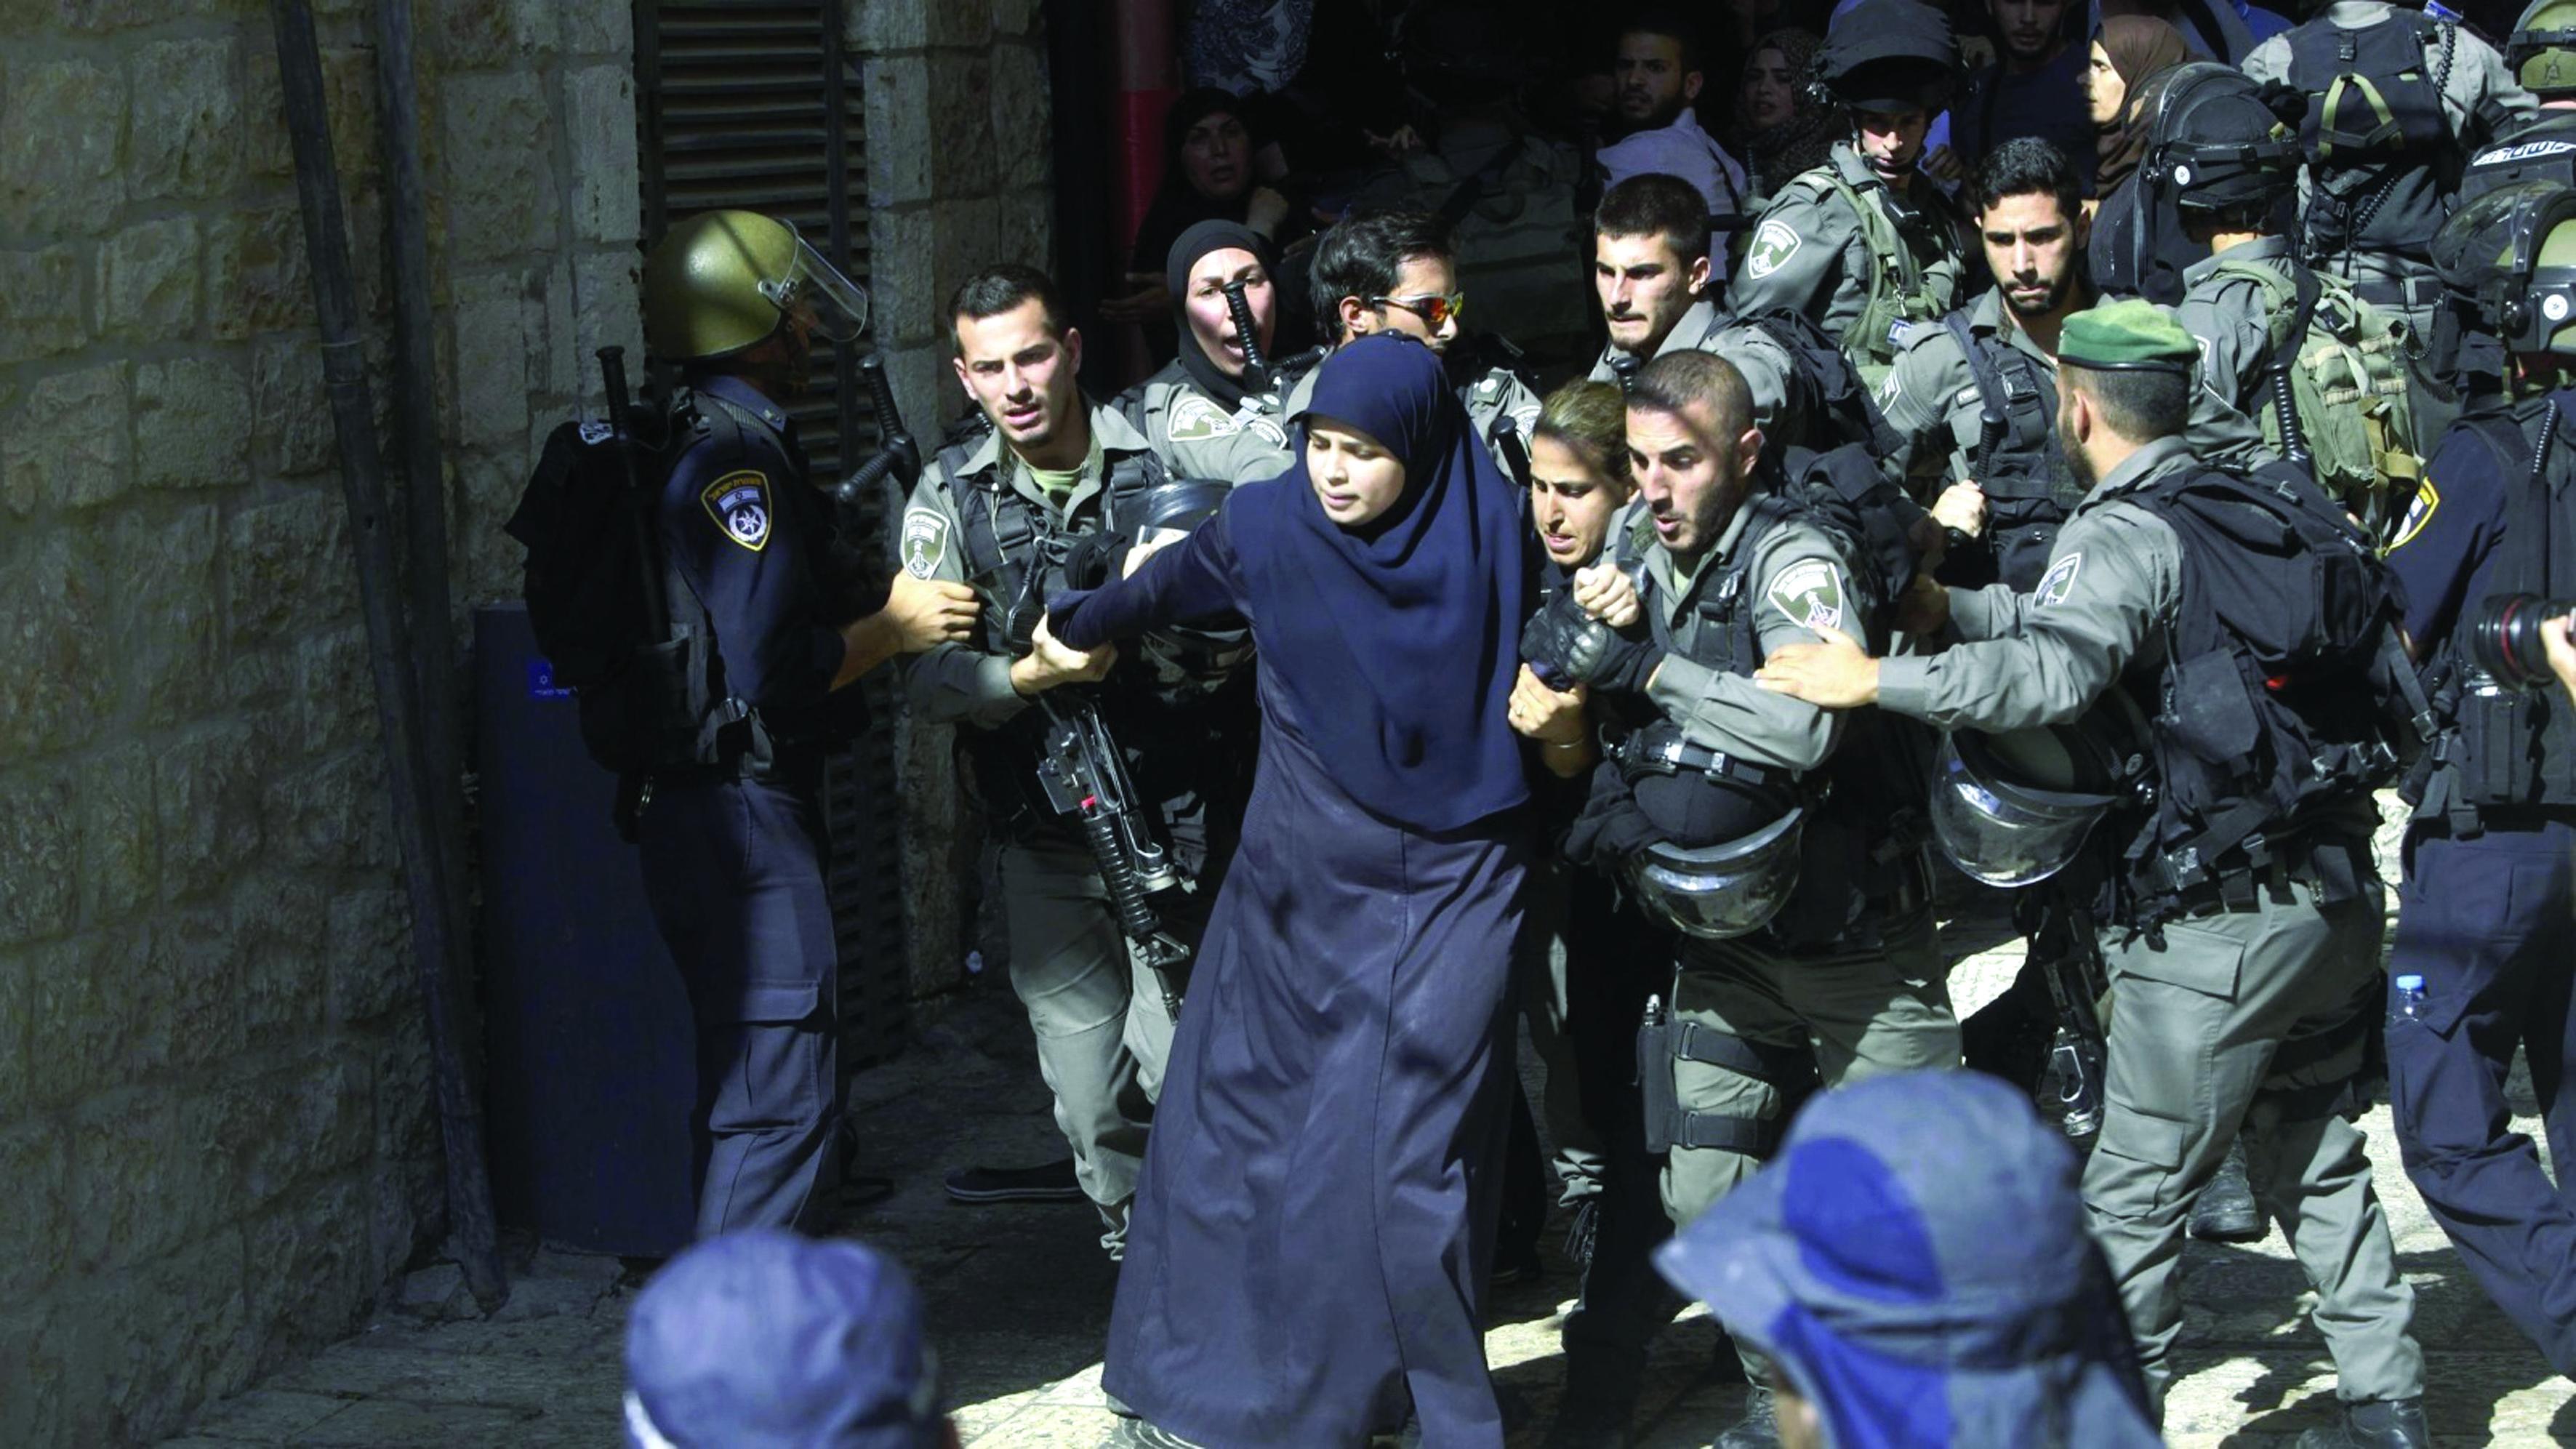 57 أسيرة فلسطينية منذ اندلاع الانتفاضة